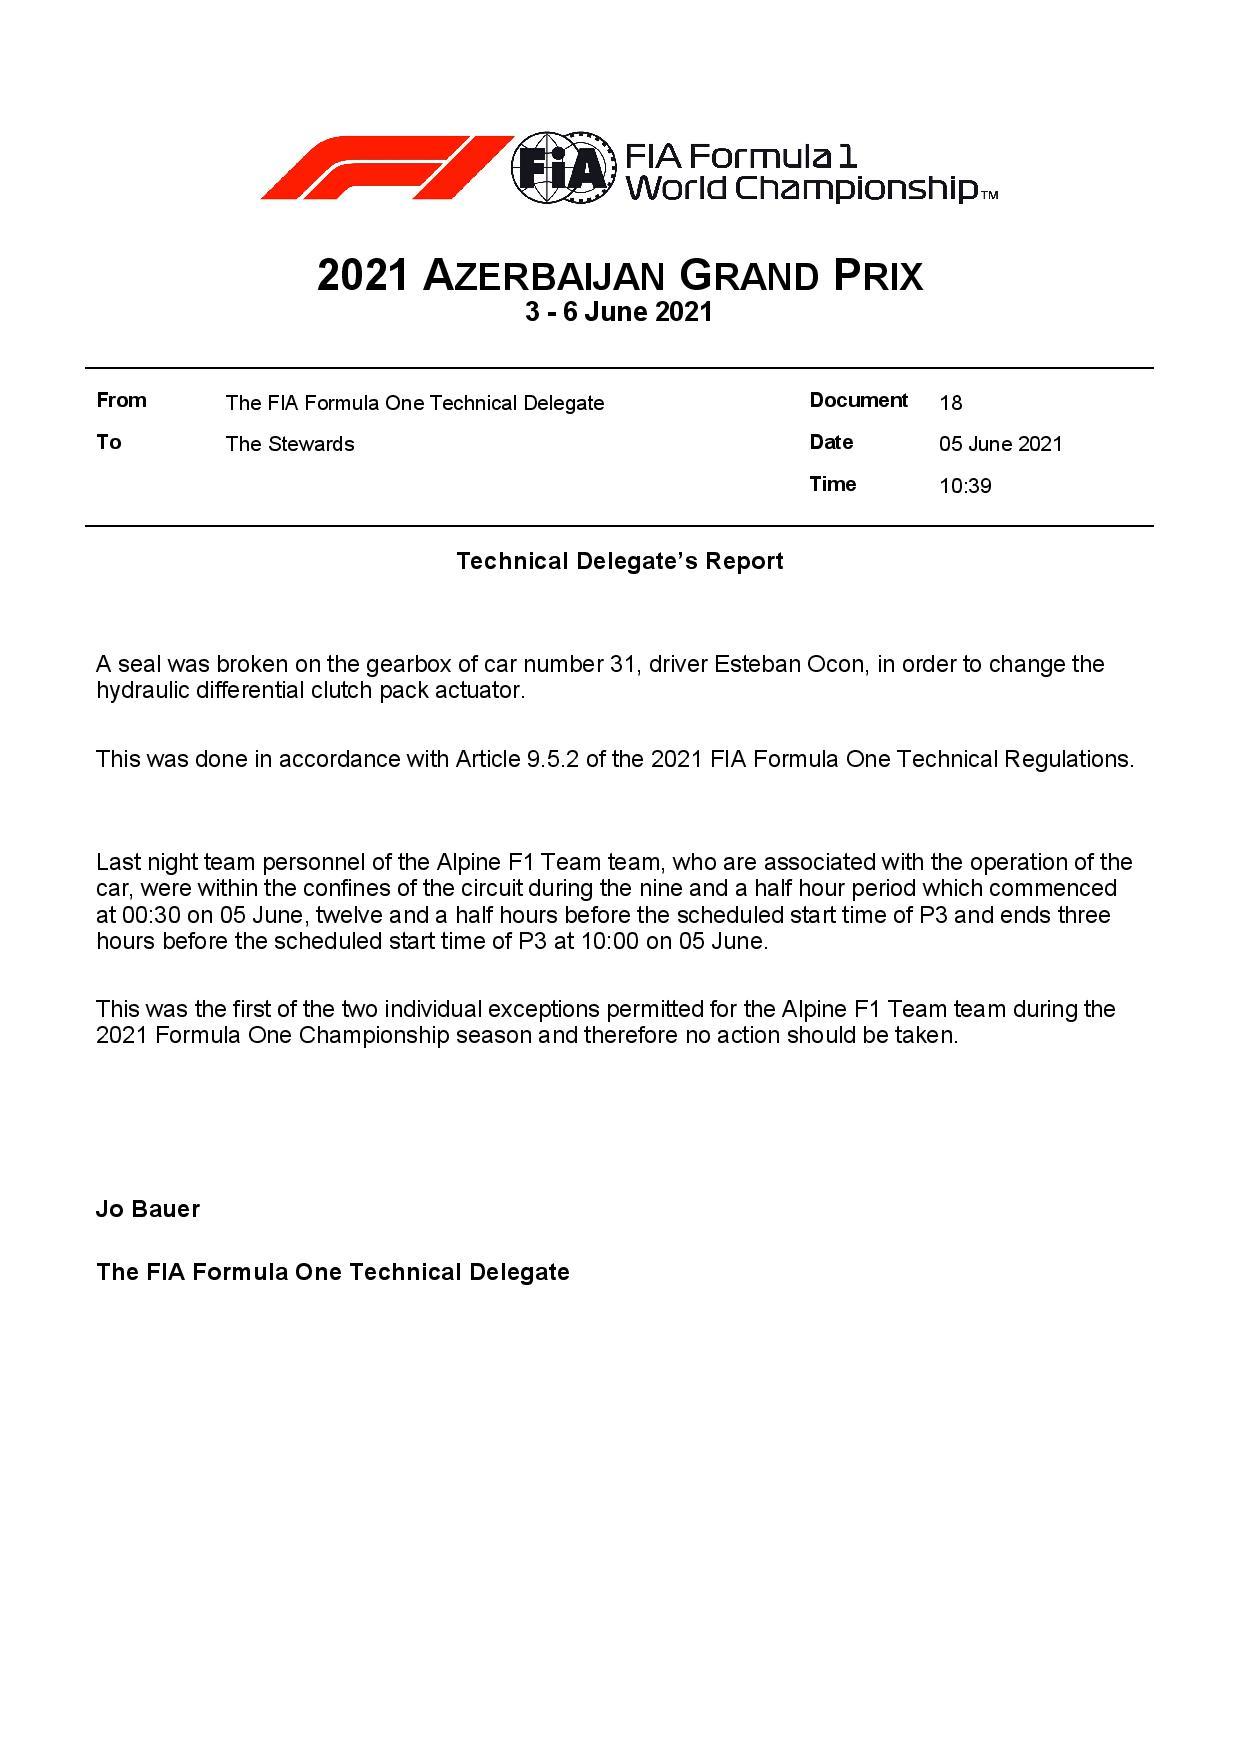 F1 - Officiel : L'équipe Alpine a enfreint le couvre feu à Bakou